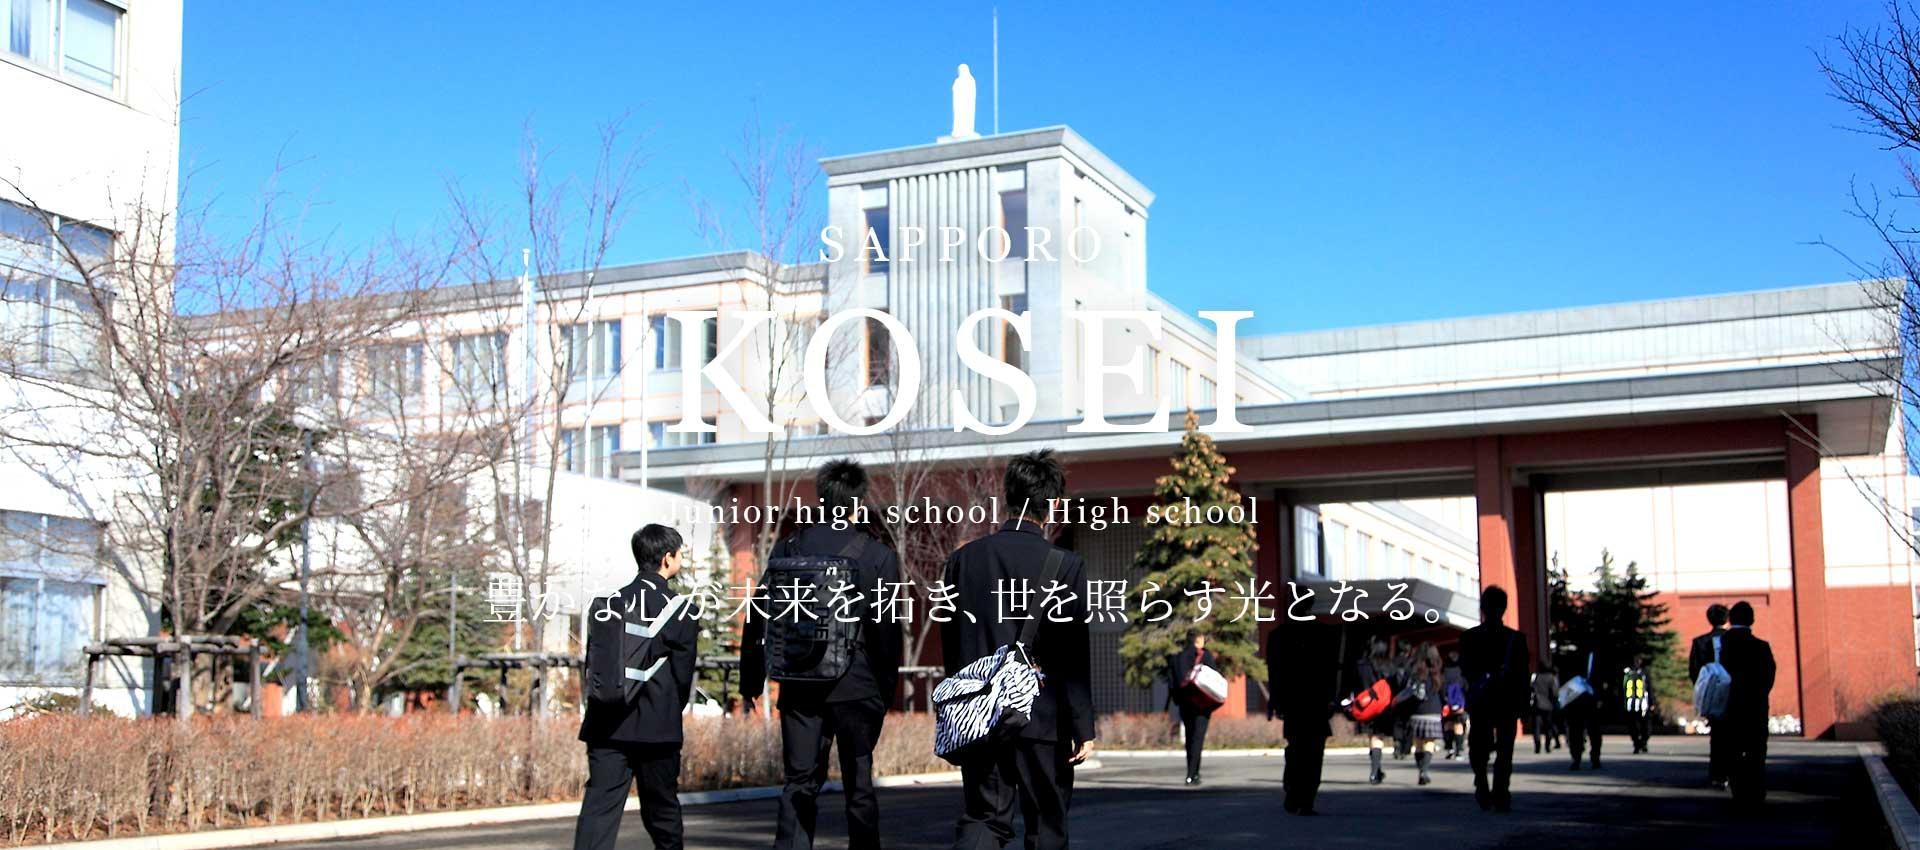 コロナ 高校 北 札幌 陵